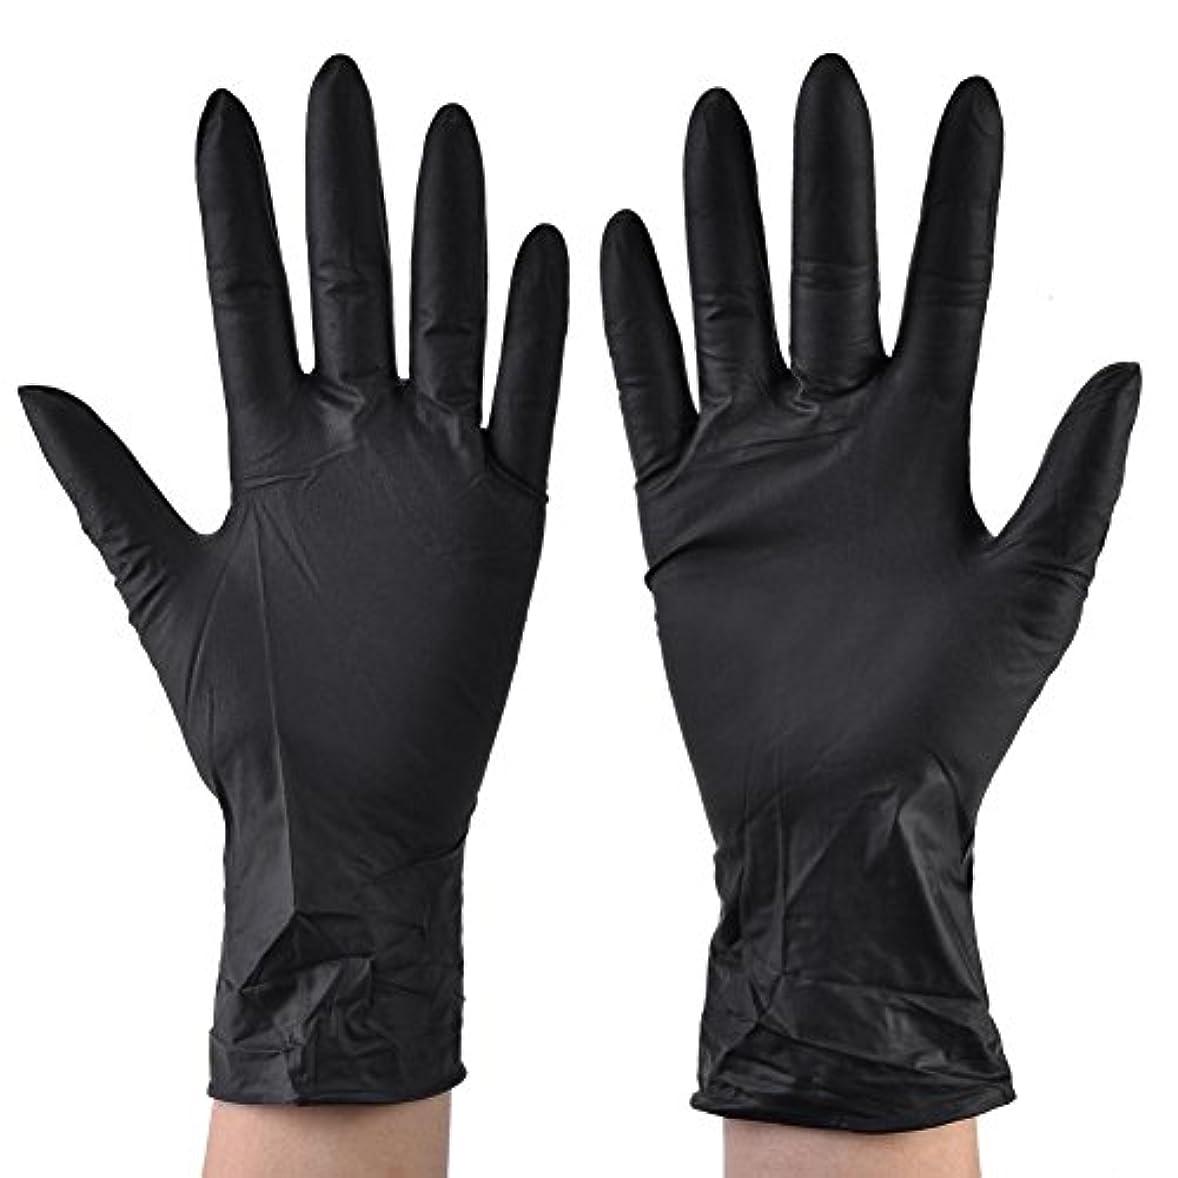 メトリック一杯識別する使い捨て手袋 ニトリルグローブ ホワイト 粉なし 工業用/医療用/理美容用/レストラン用 M/L選択可 100枚 左右兼用 作業手袋(M)